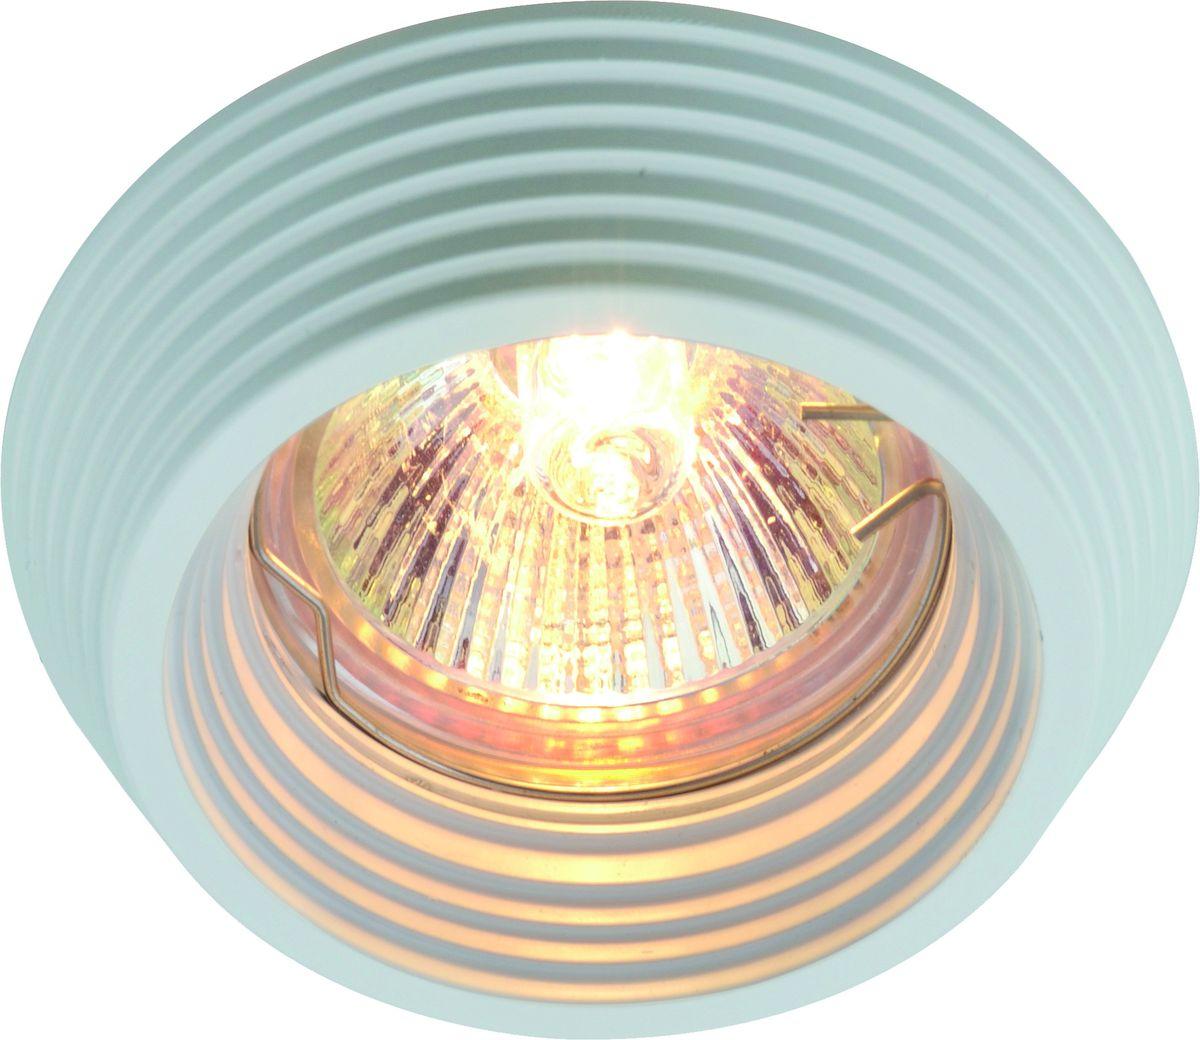 Светильник потолочный Arte Lamp CROMO A1058PL-1WH встраиваемый светильник arte lamp cromo a1058pl 1wh